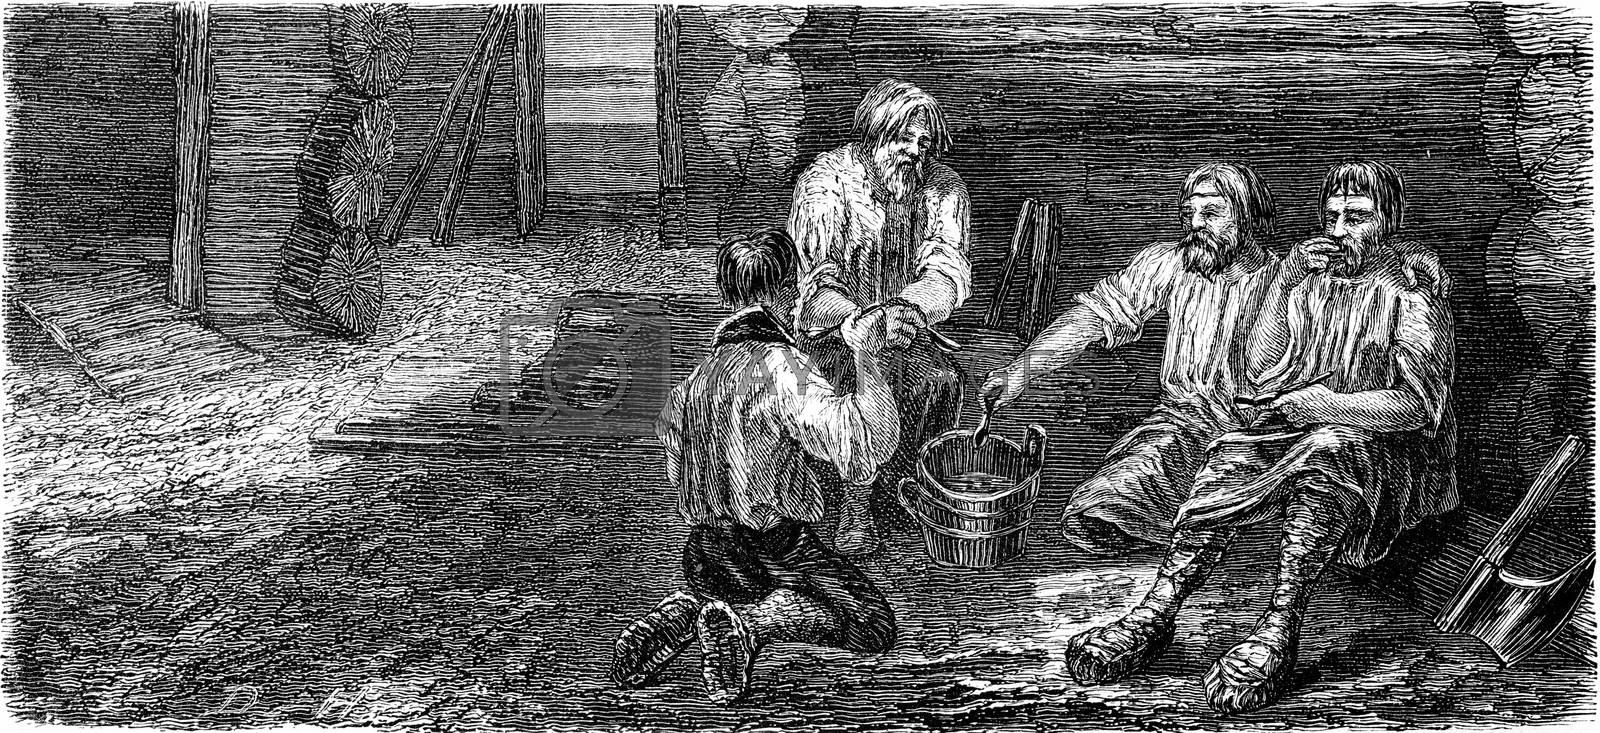 Dining carpenters at Dorpat, vintage engraved illustration. Le Tour du Monde, Travel Journal, (1865).